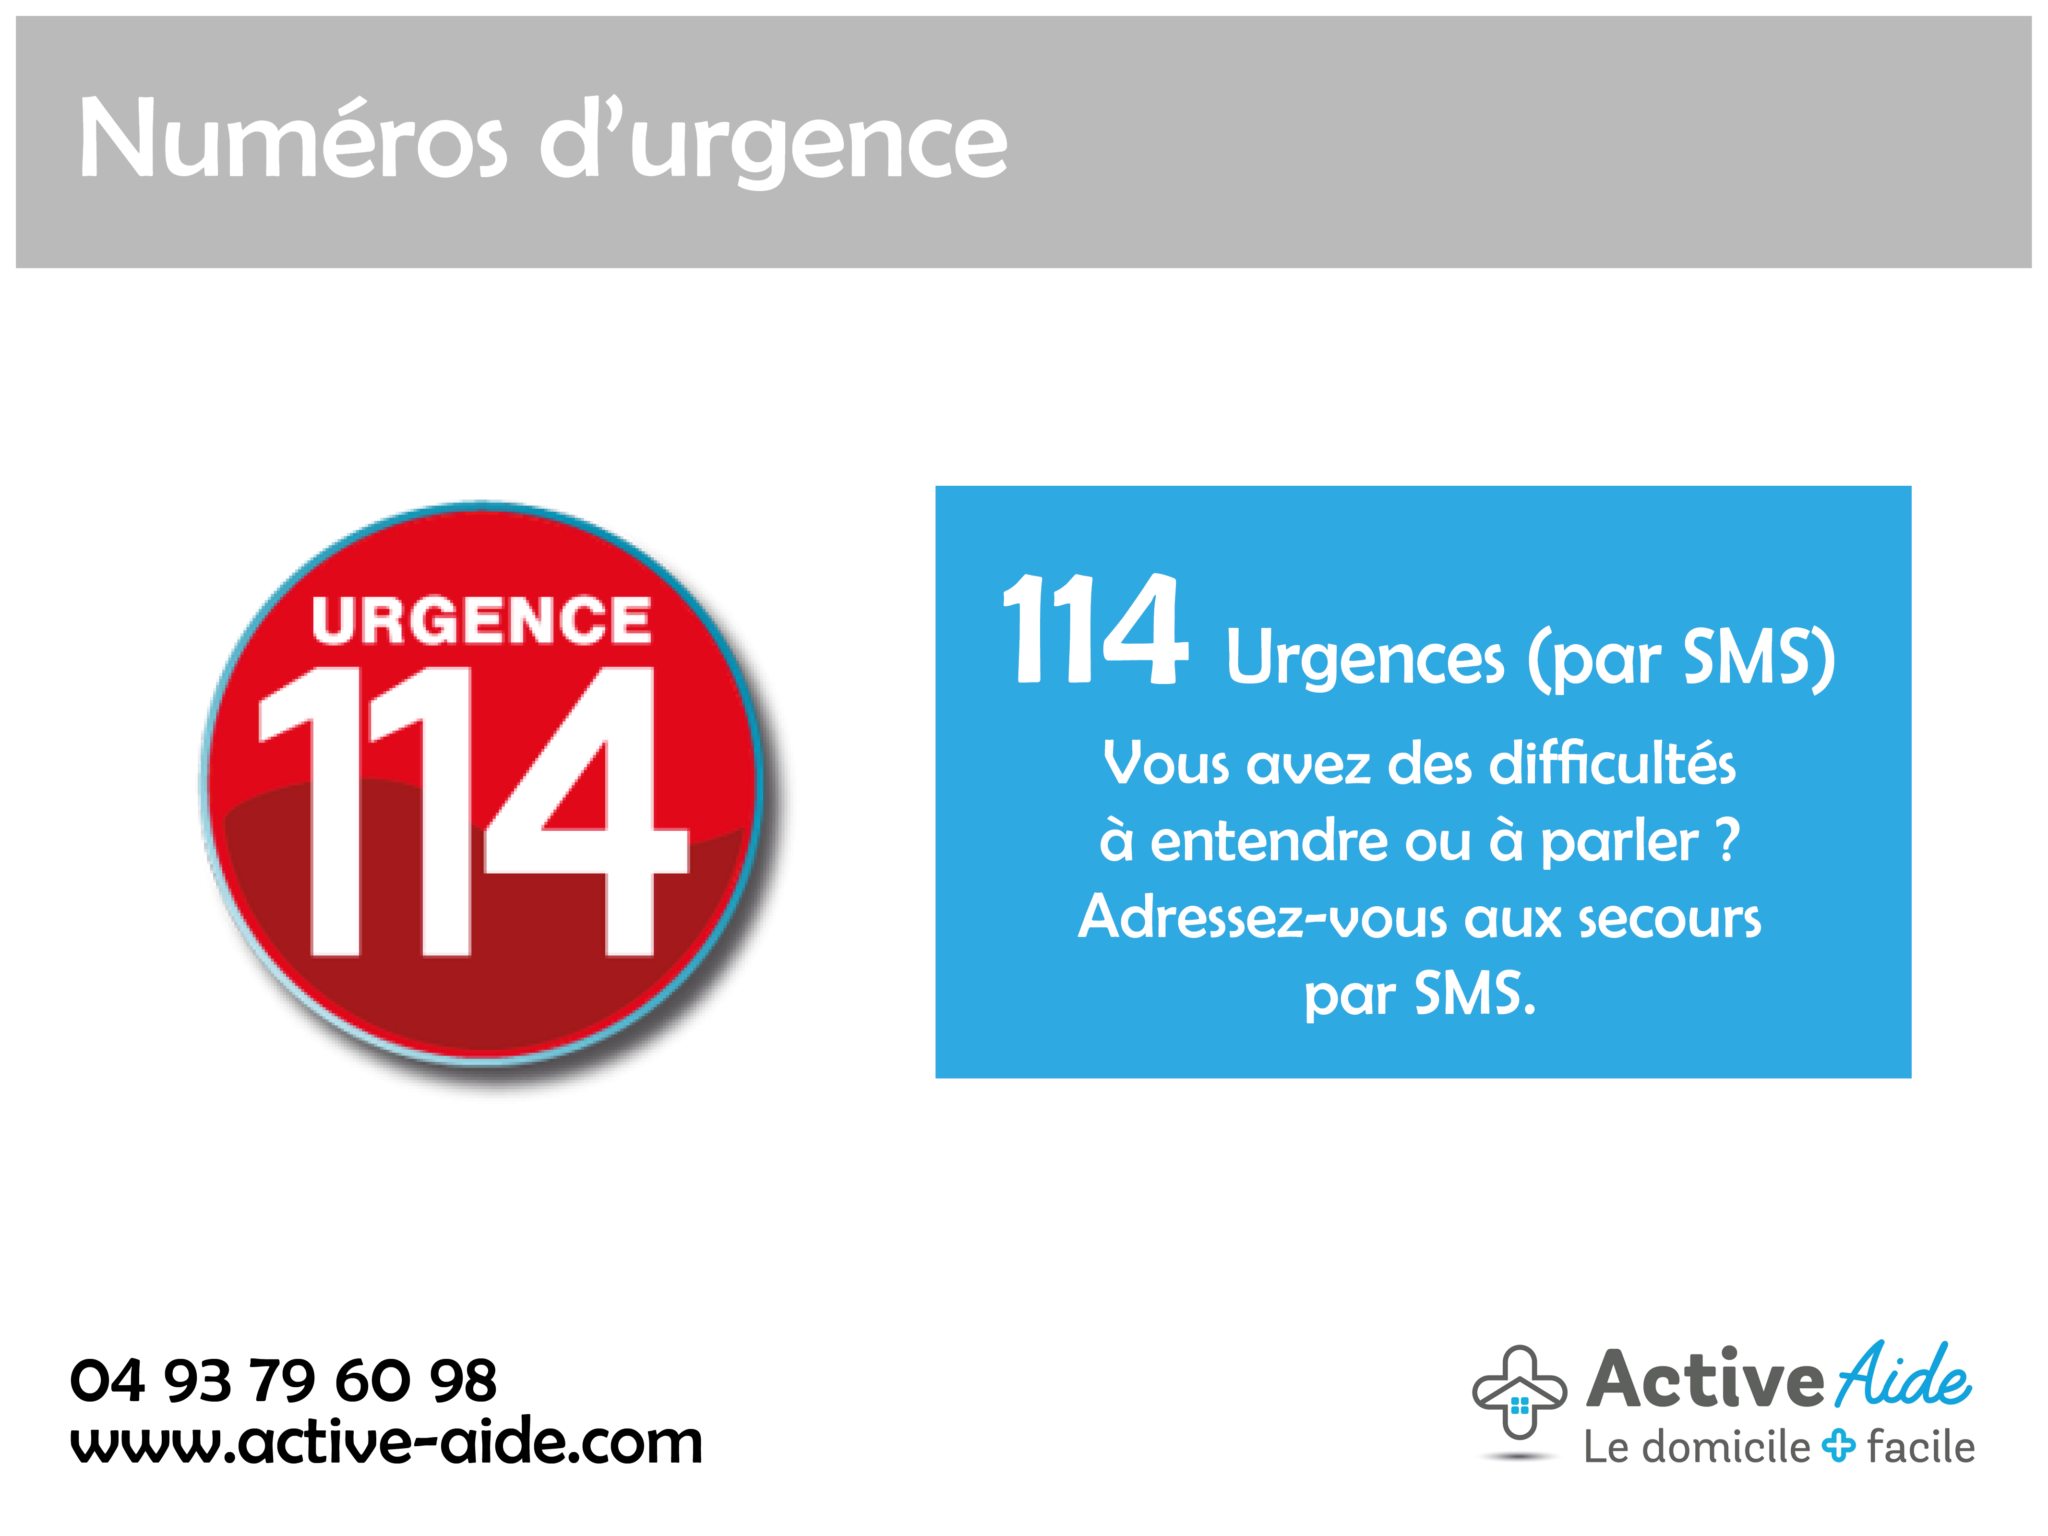 Connaissez-vous les numéros d'urgence ?